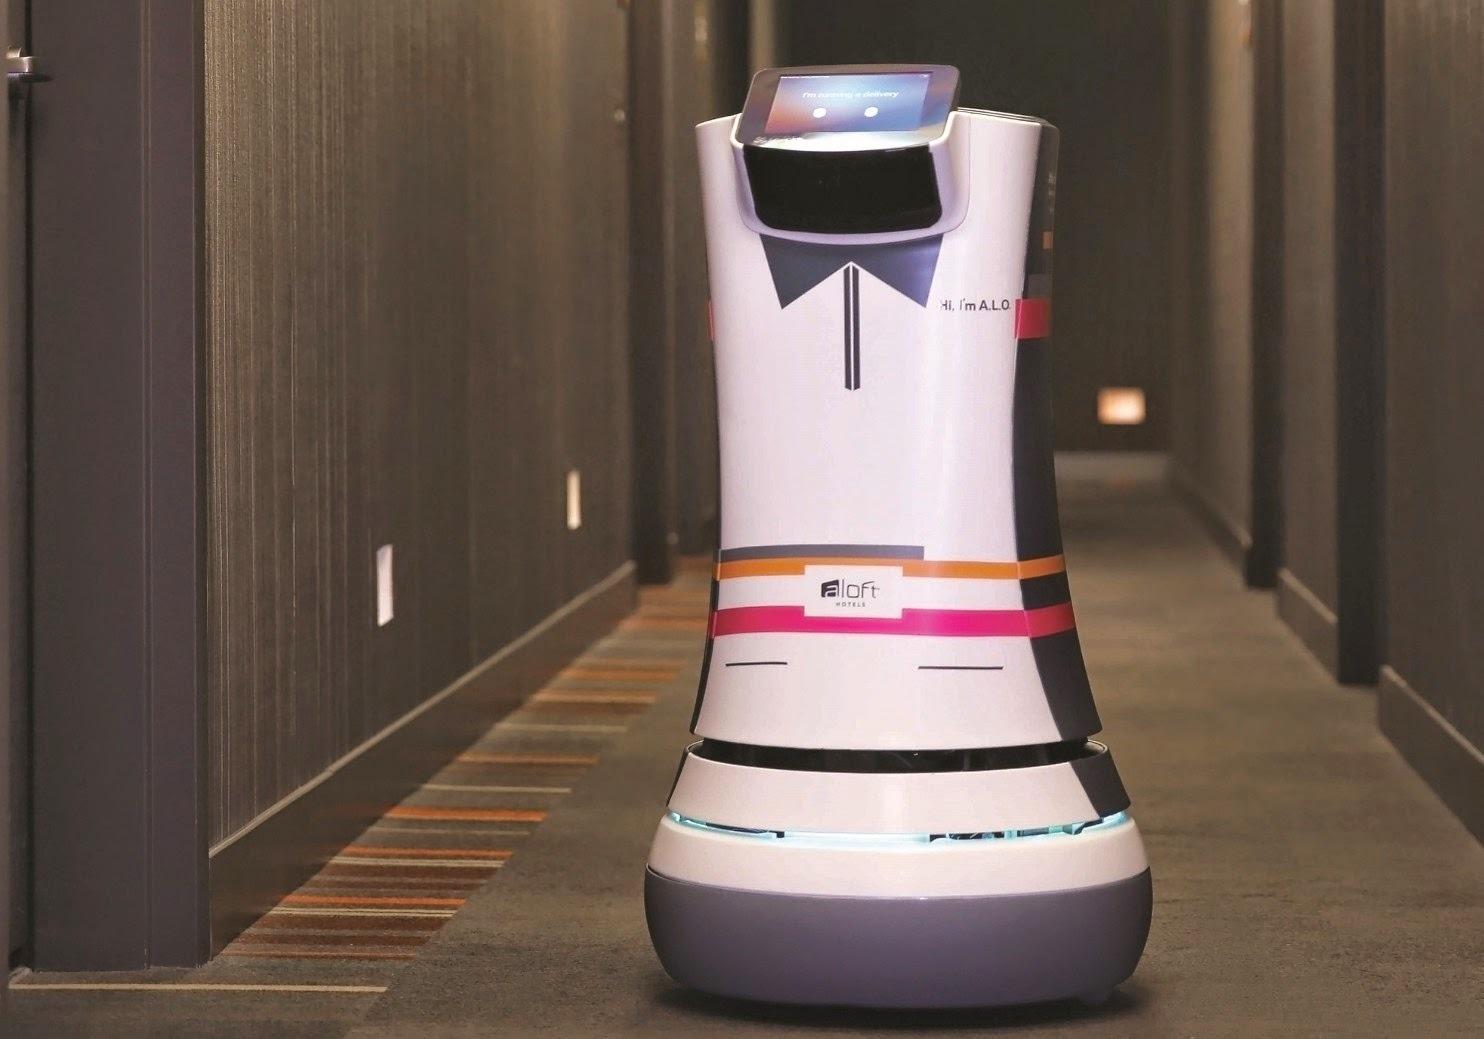 ロボットが接客するホテルが未来すぎ!! 世界一生産的な観光都市を目指すハウステンボスの狙い 2番目の画像